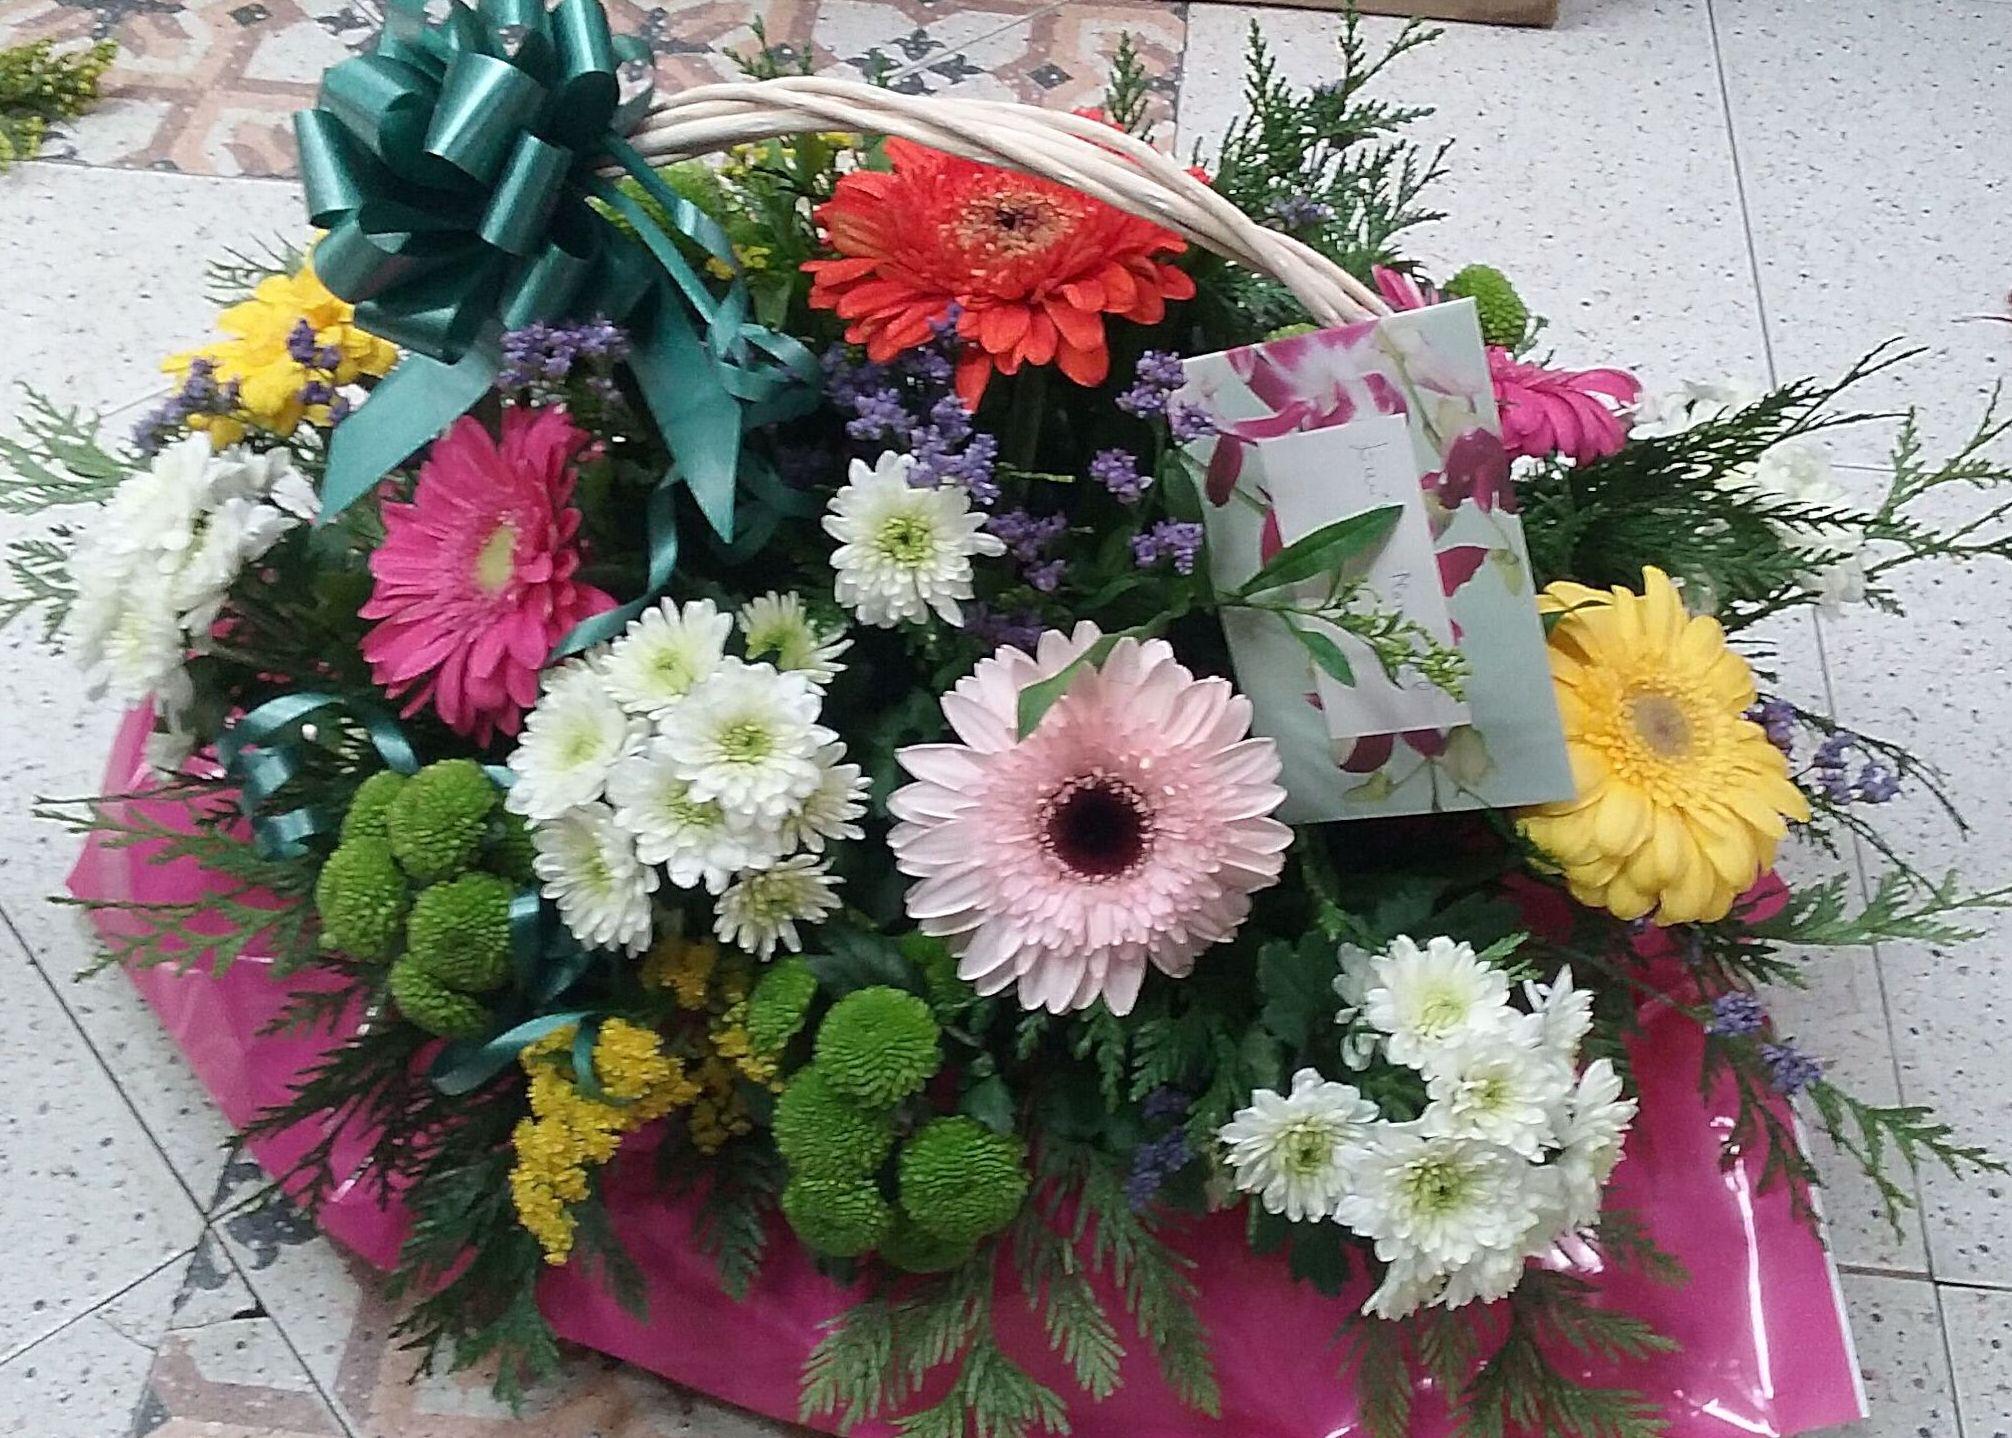 Foto 15 de Floristerías en Cabeza del Buey | Floristería, Perfumería, Pajarería Herboflor